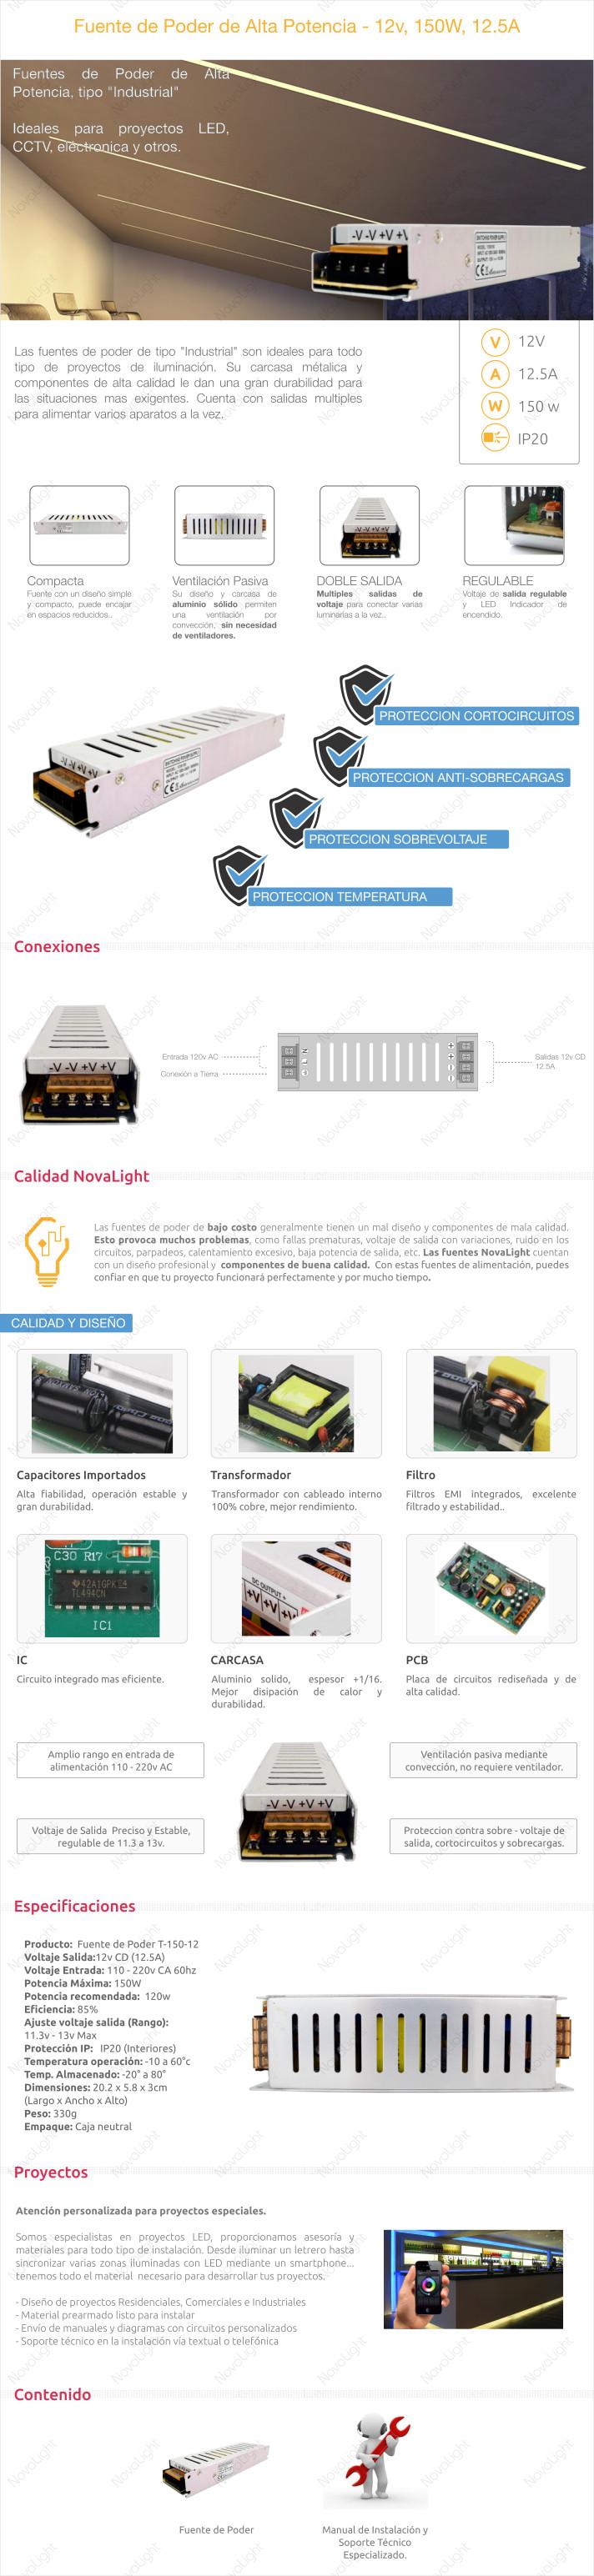 Descripcion de Producto - Fuente de Poder de Alta Potencia, 150W 12v - Para proyectos LED y CCTV